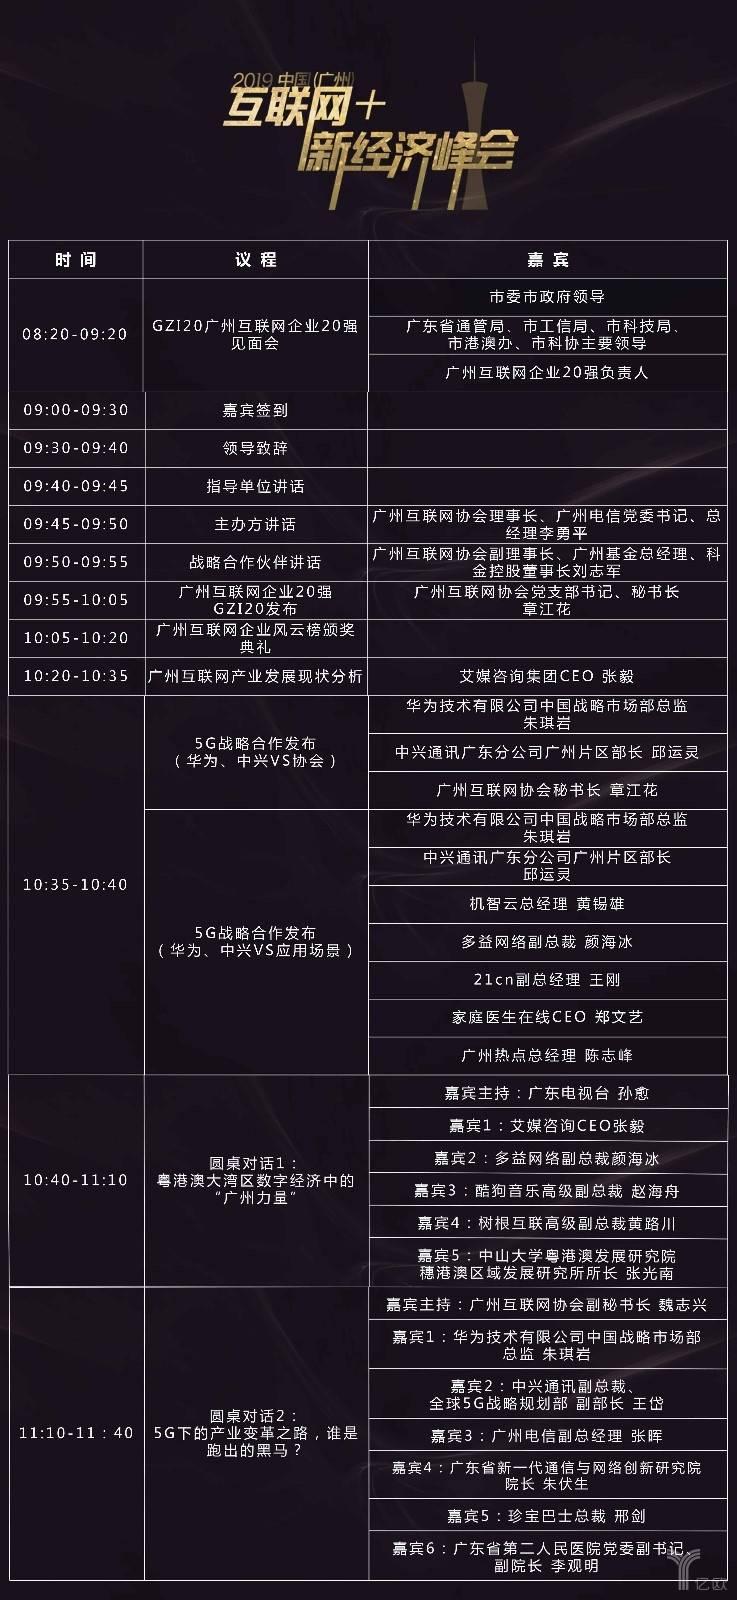 2019中国(广州)互联网+新经济峰会.jpg